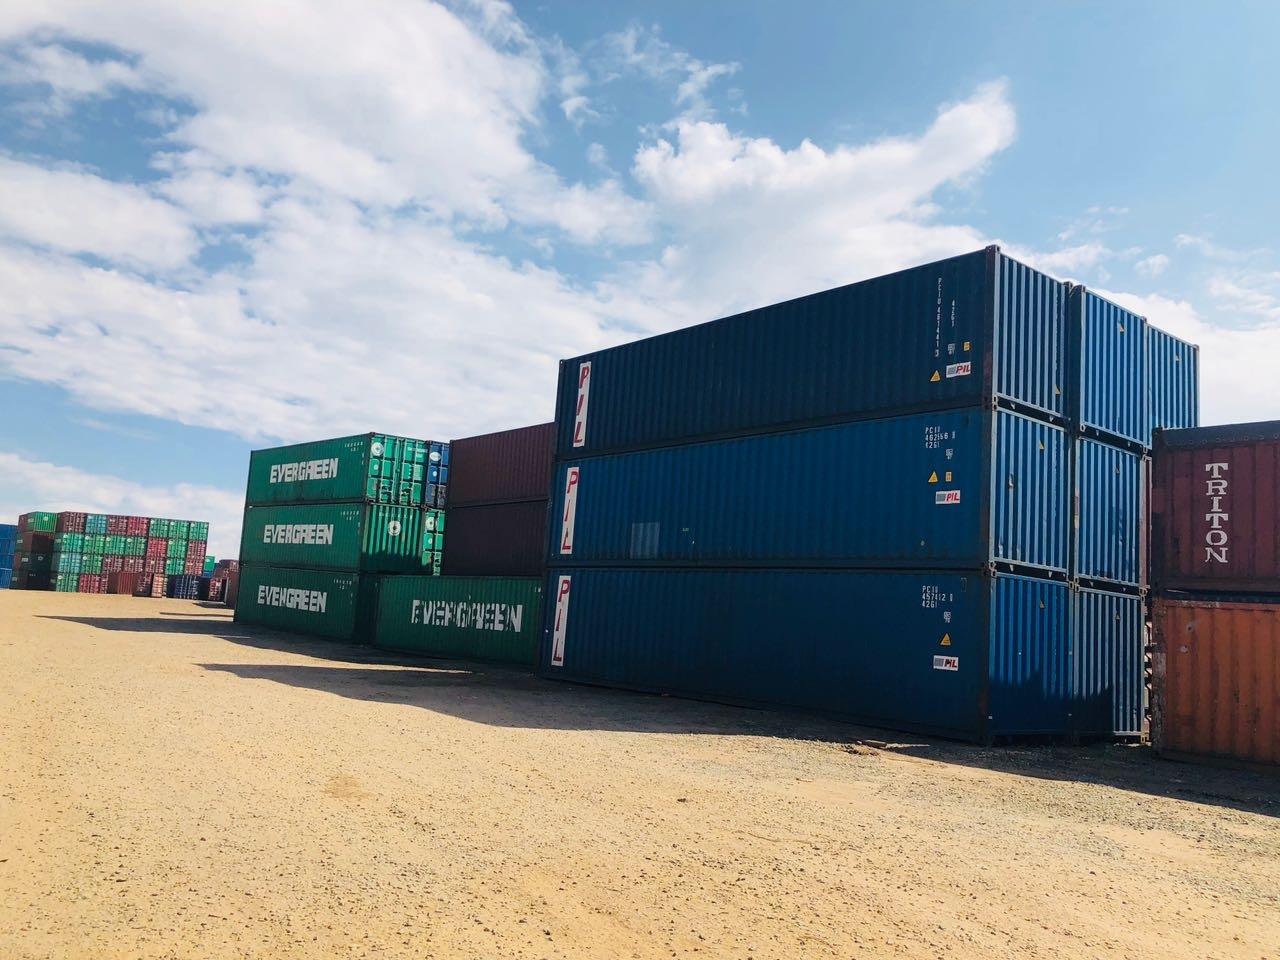 اعلان: حاويات شحن فارغة جديدة و مستعملة ٢٠ قدم و ٤٠ قدم للبيع أو للايجار-الأردن و الامارات